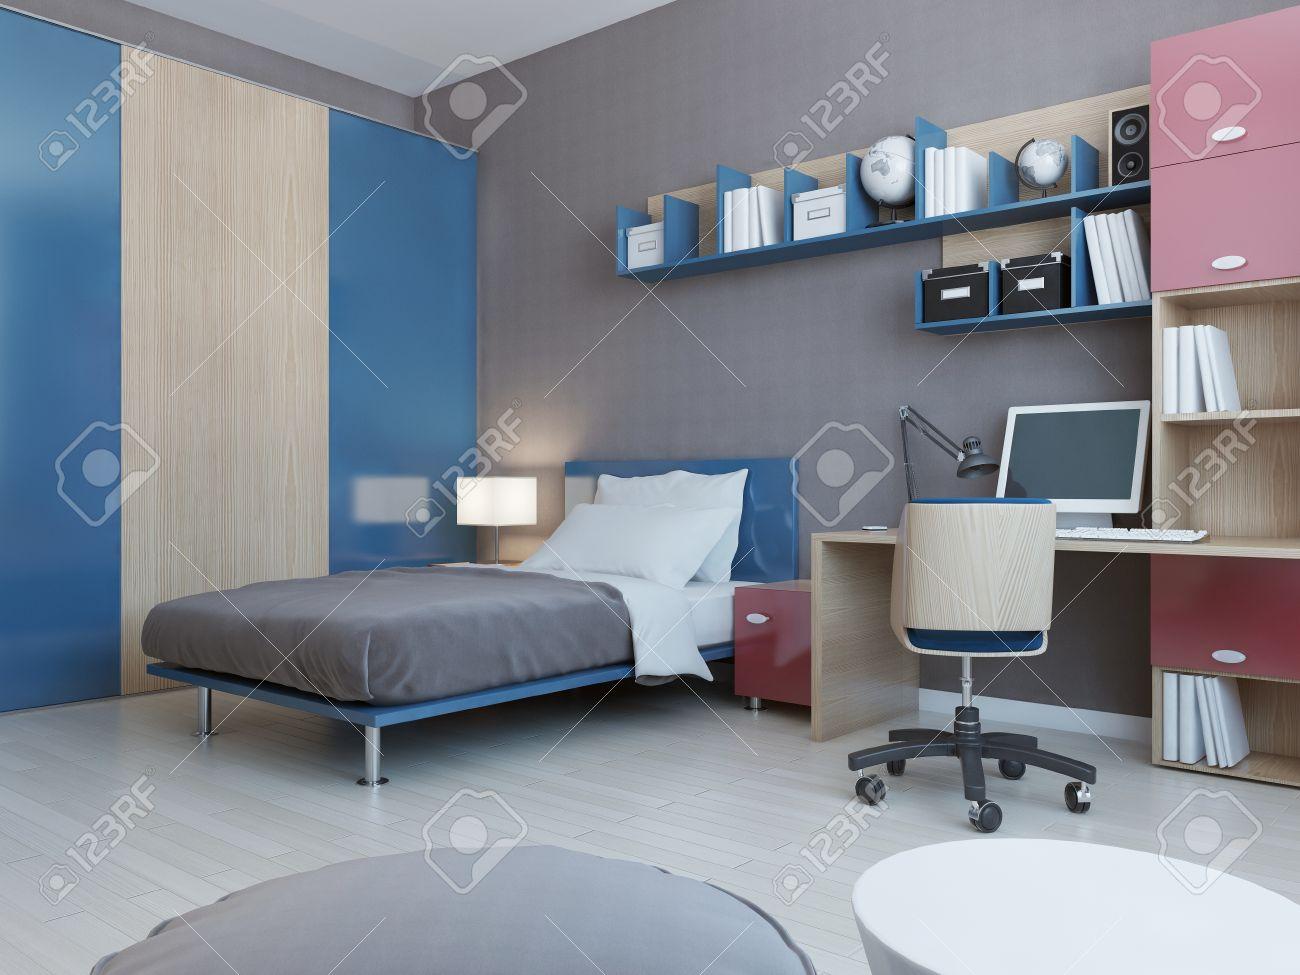 Ansicht Von Teenager Zimmer In Roten Und Blauen Farben. Hellgrau Wand Und  Leichte Laminatboden